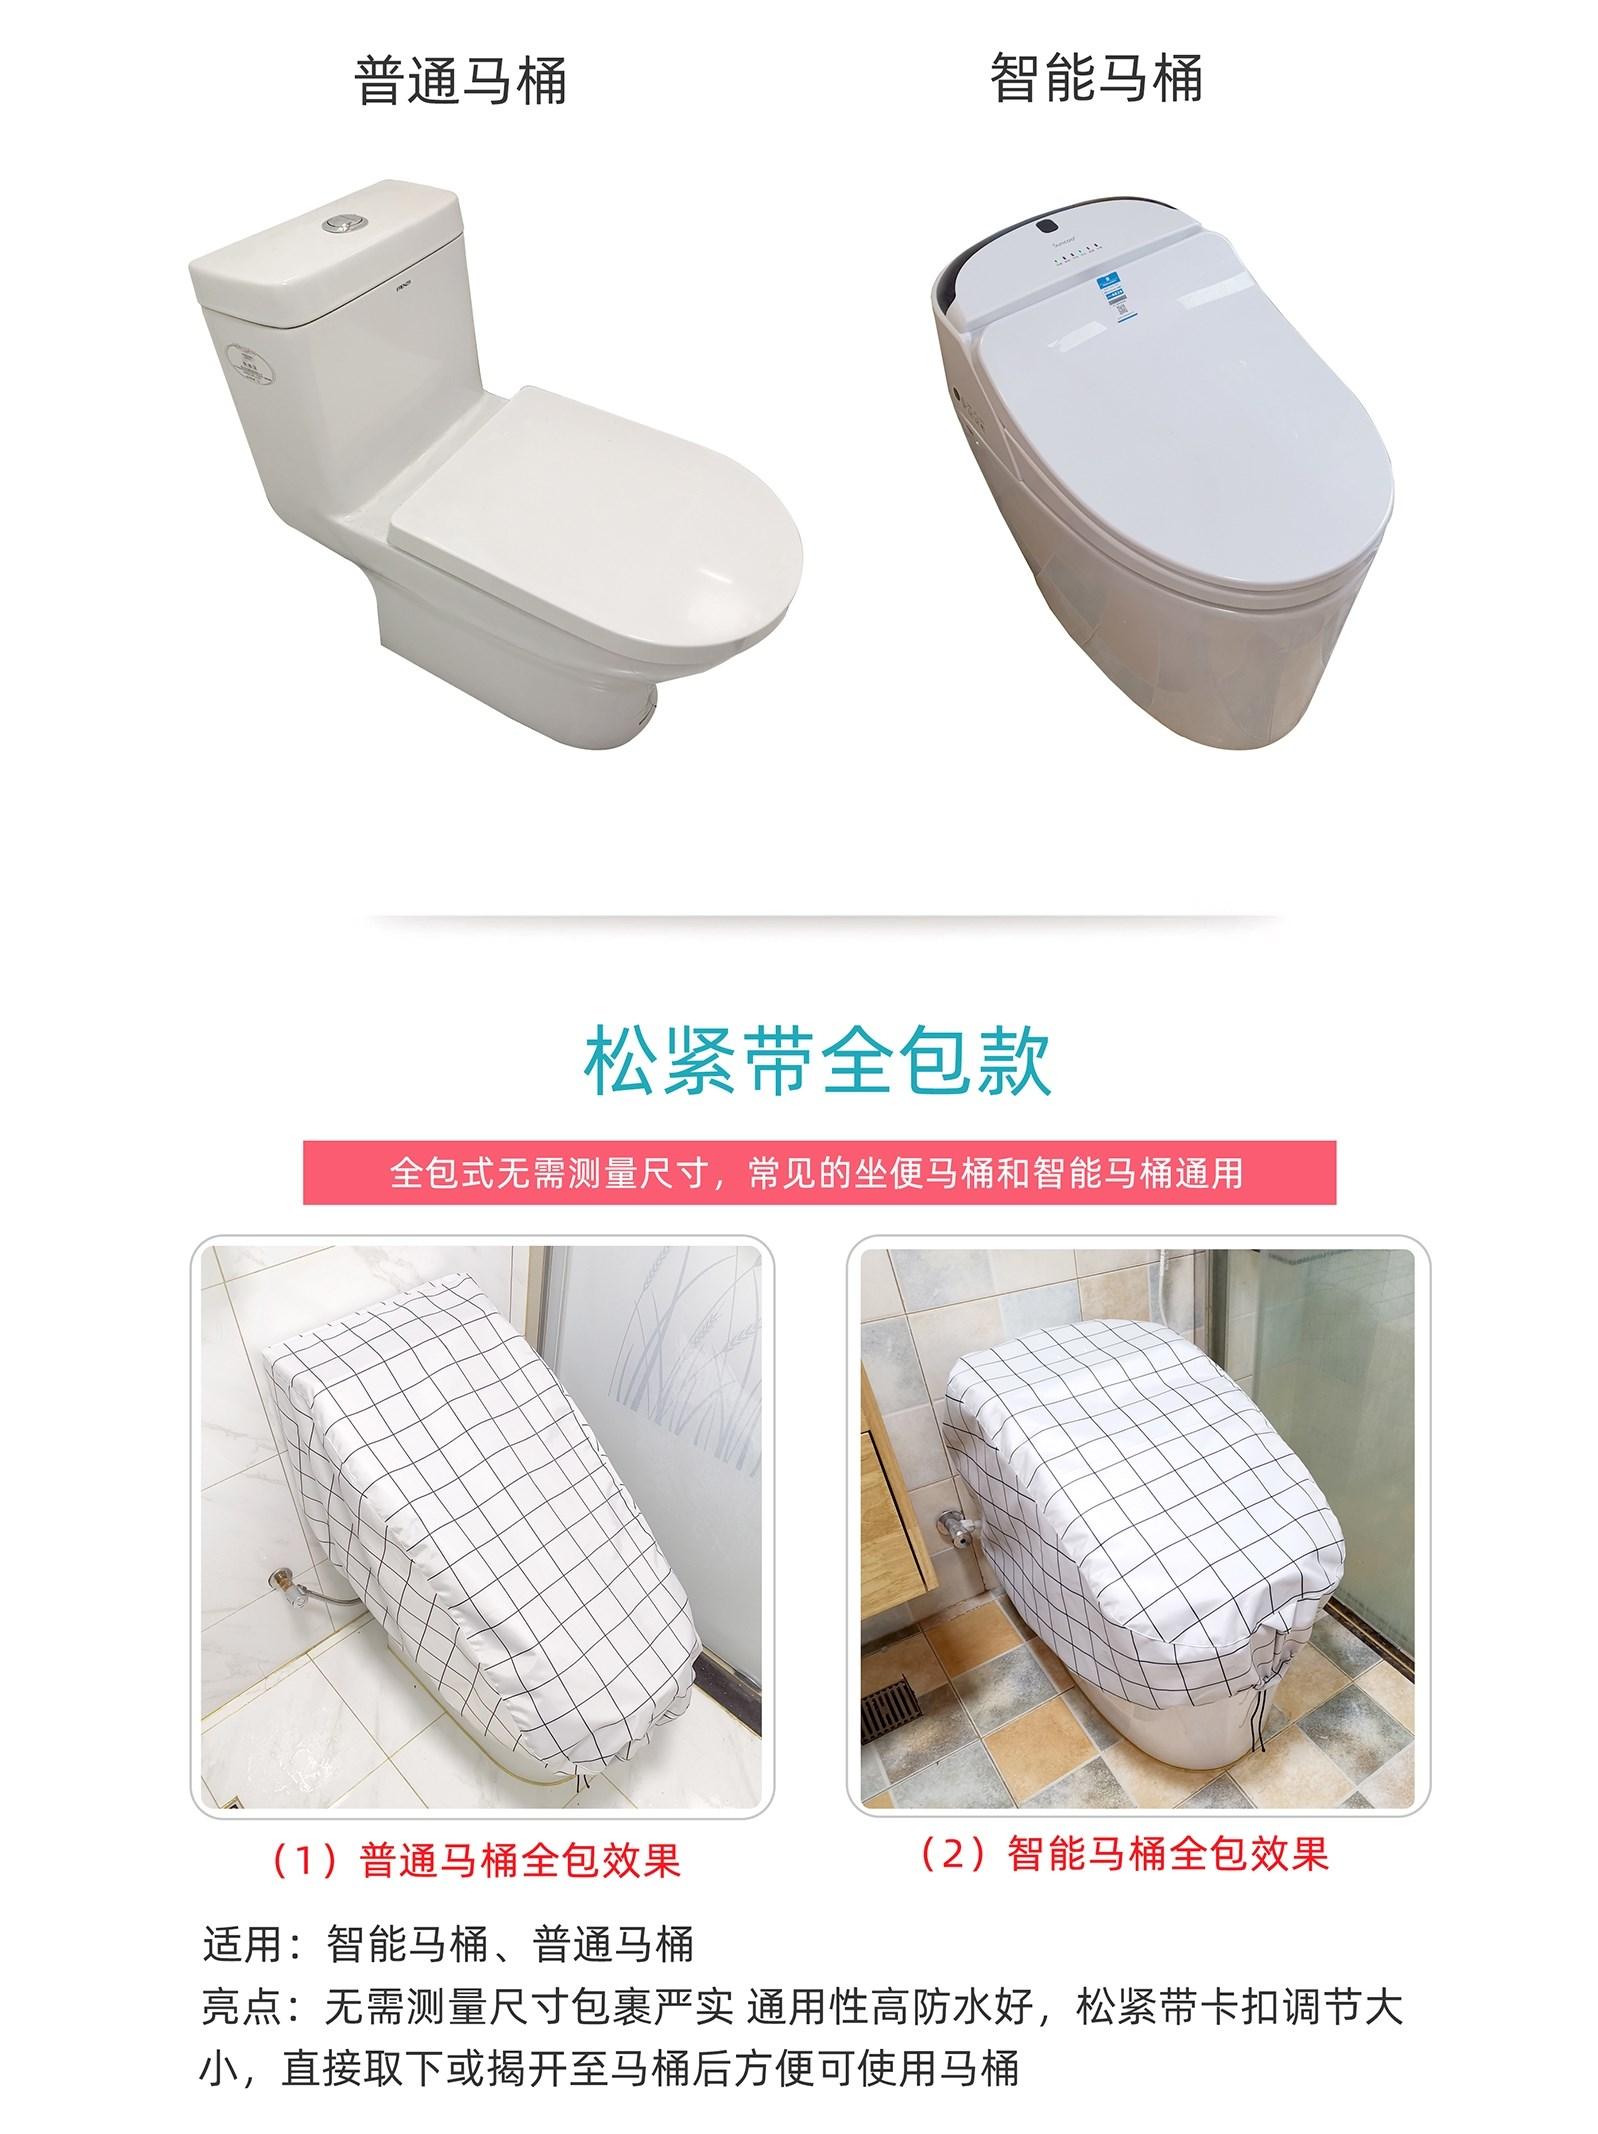 便器カバートイレの便器には防塵伸縮全カバー防水防水カバーシャワーカバーが付いています。